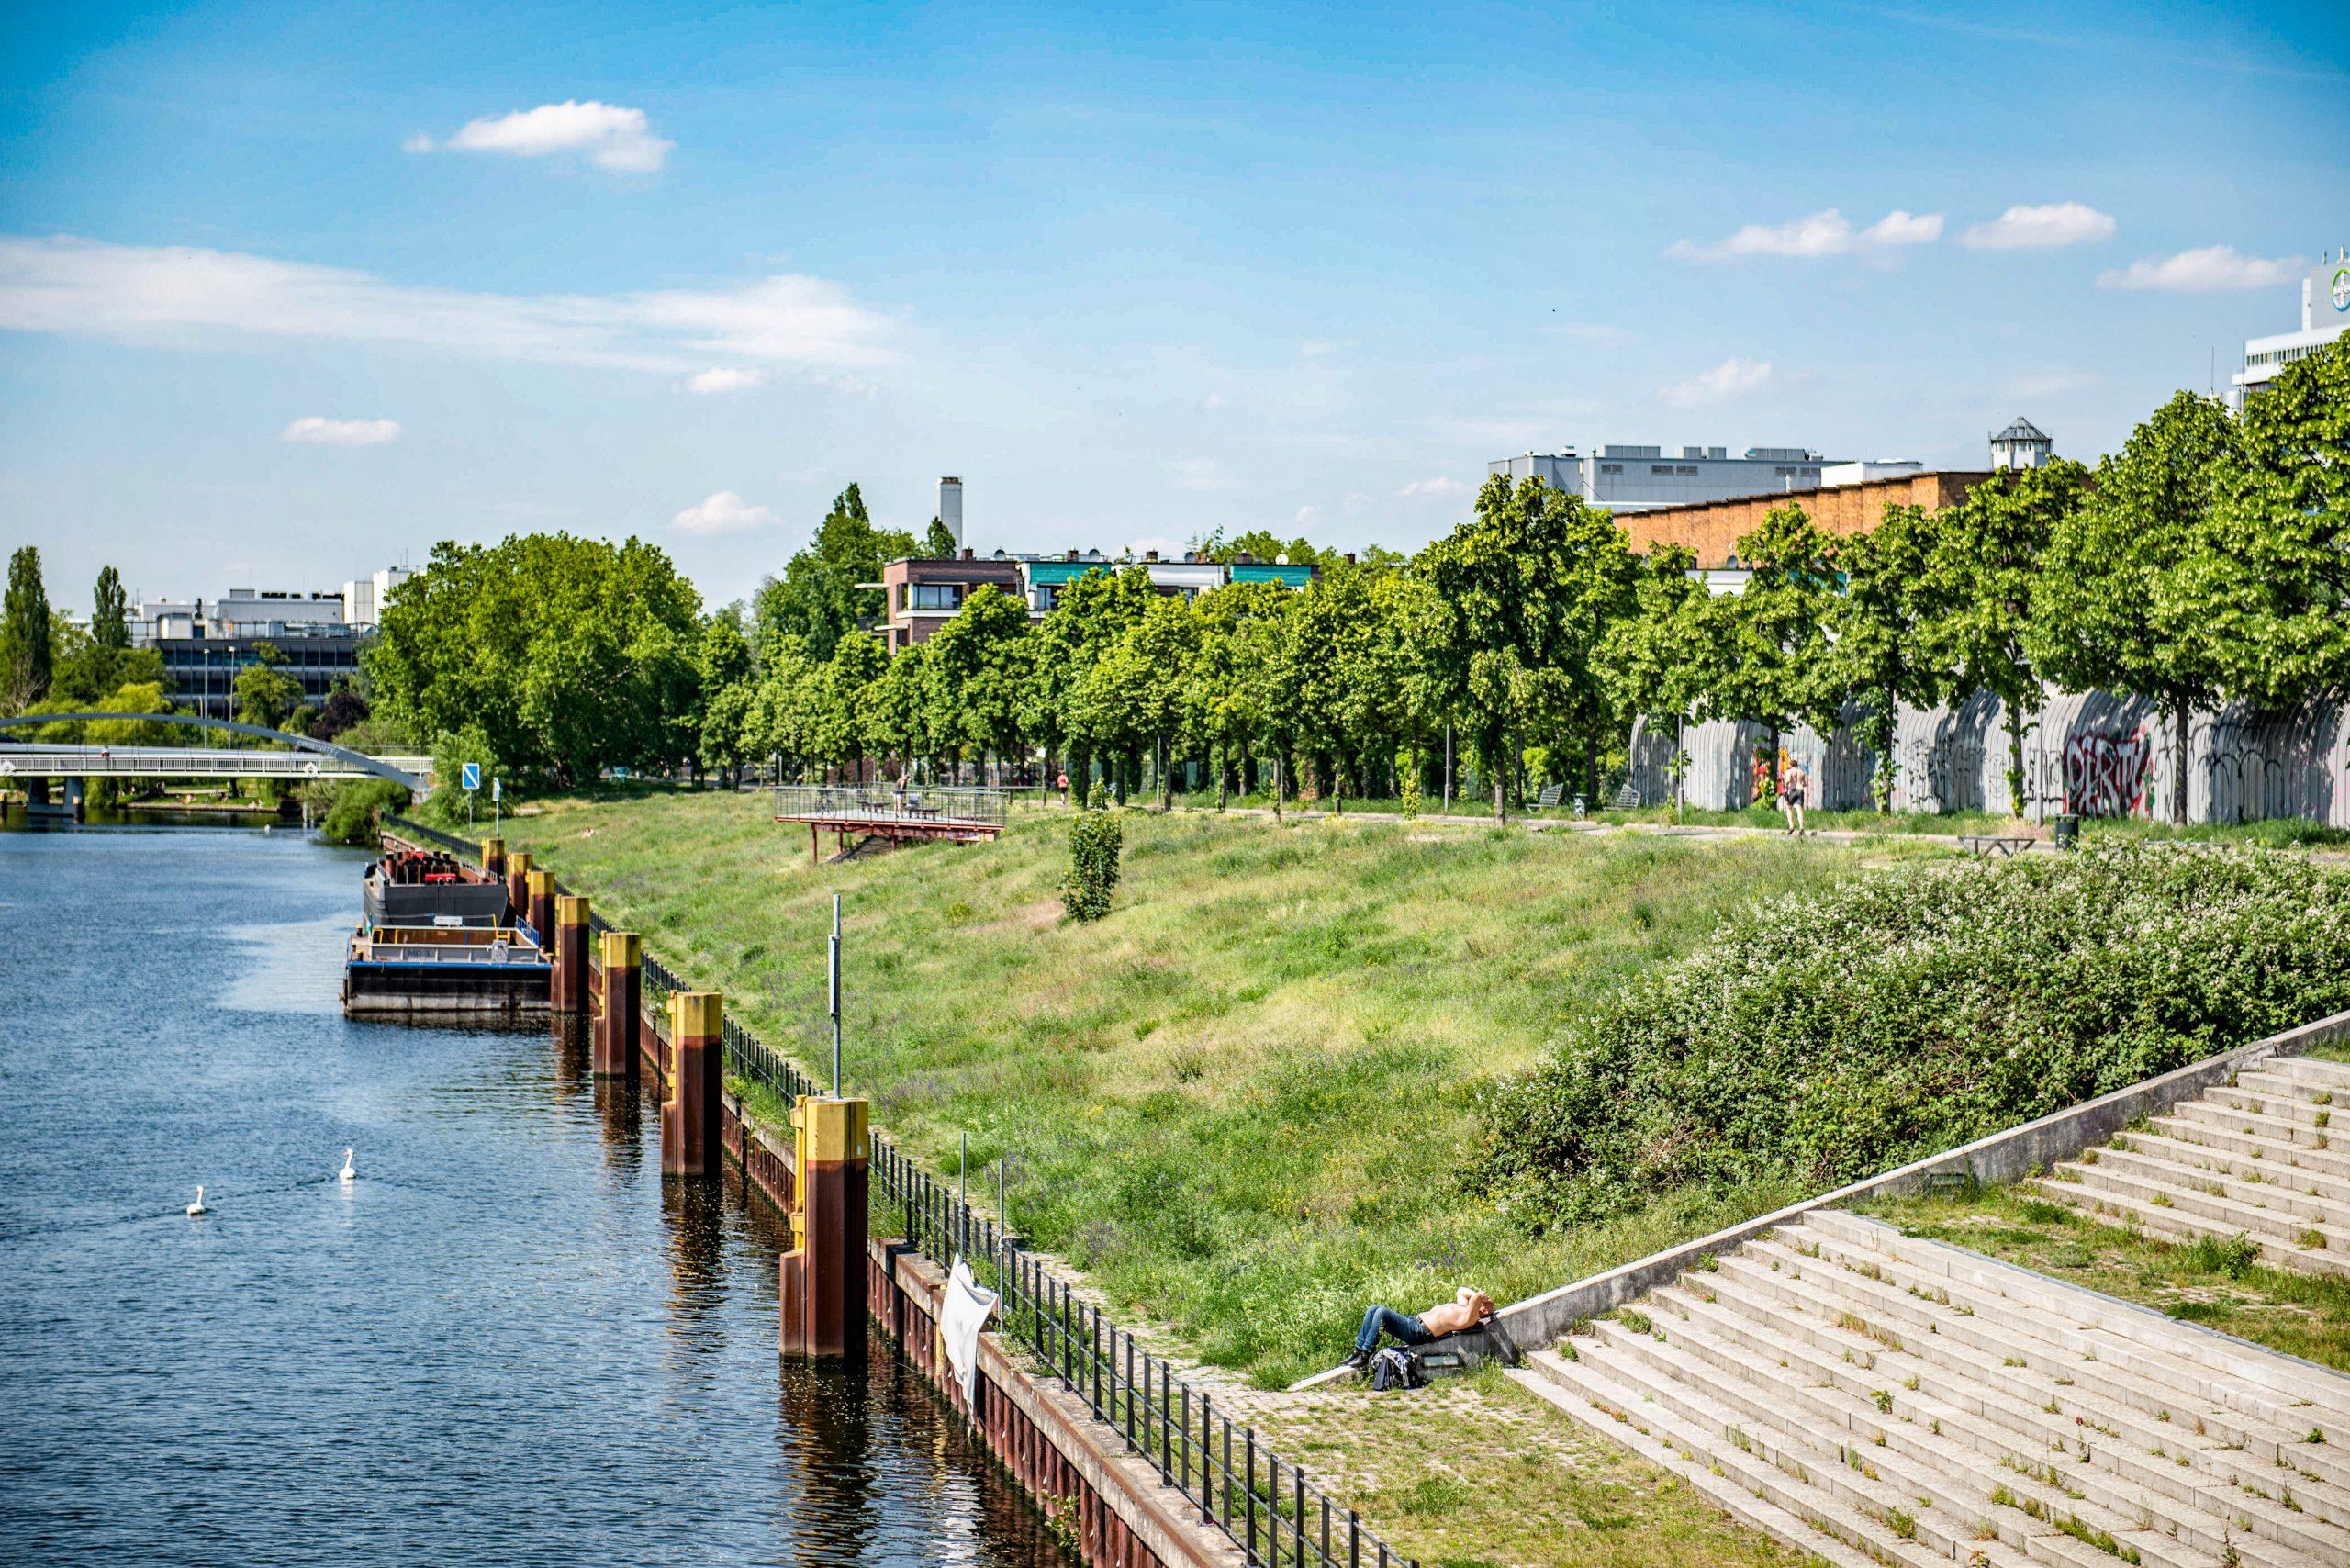 Der Park am Nordhafen gehört zu den schönsten Orten in Berlin, die am Wasser liegen. Dort trifft man bei gutem Wetter eigentlich immer Anwohner, die auf der Wiese liegen und sich sonnen. Foto: Imago/F. Anthea Schaap